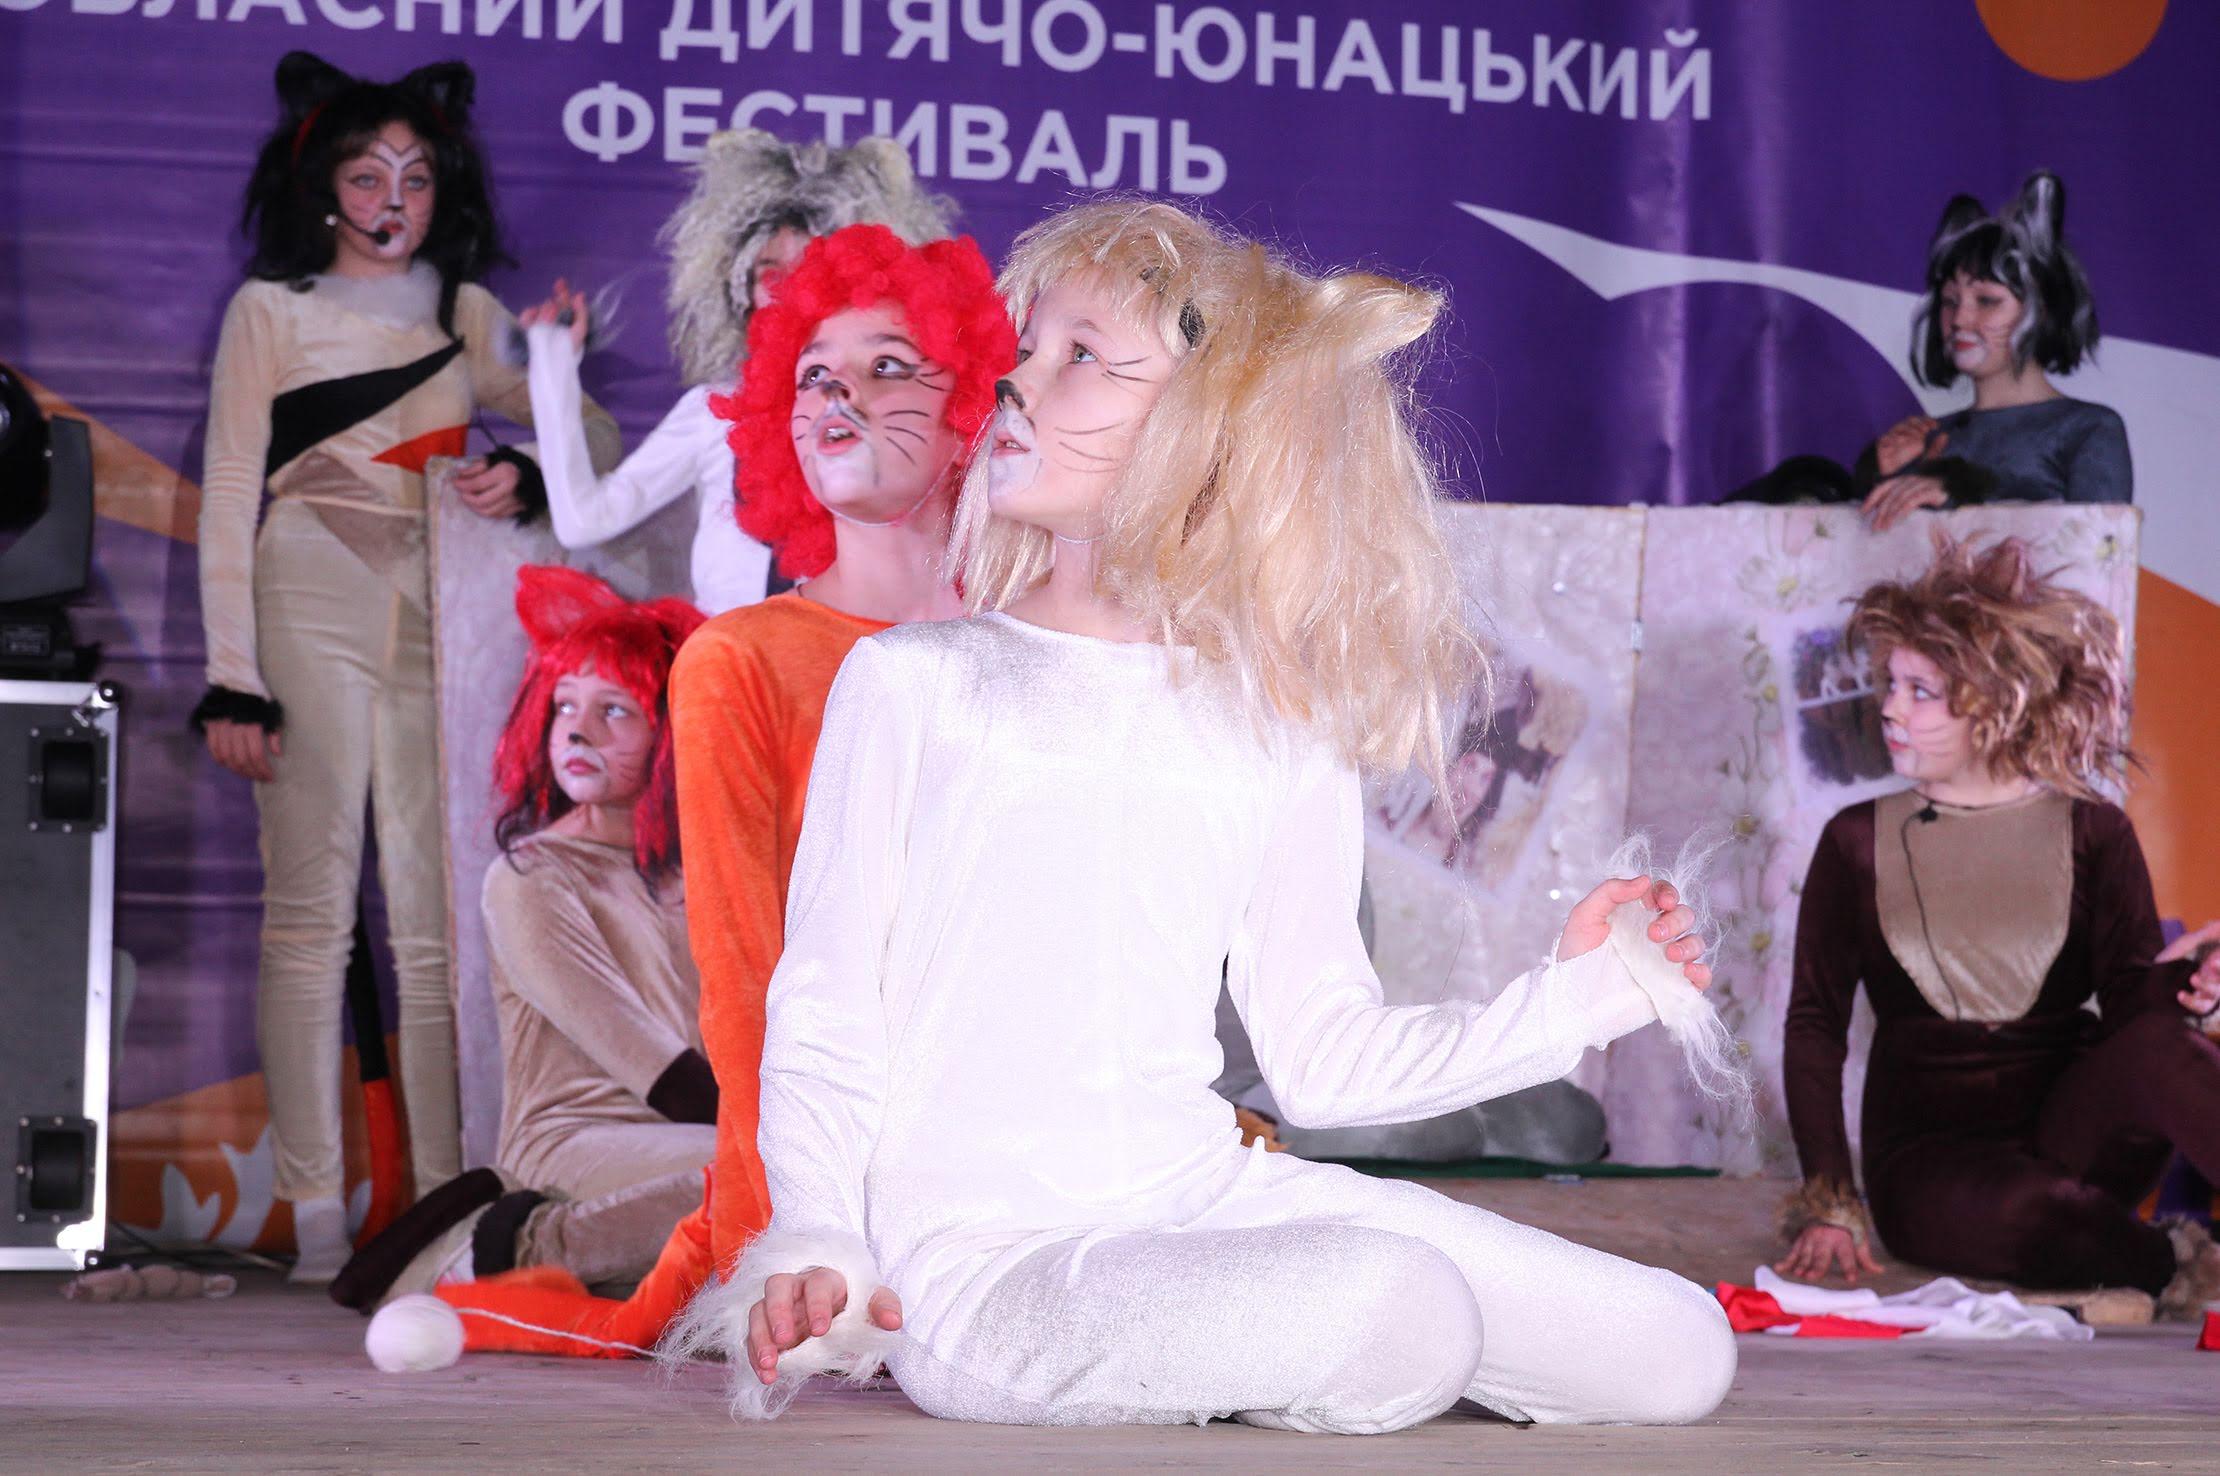 Юні театрали із селища Покровське першими вийшли на сцену фесту й повідали, «про що говорять кішки».